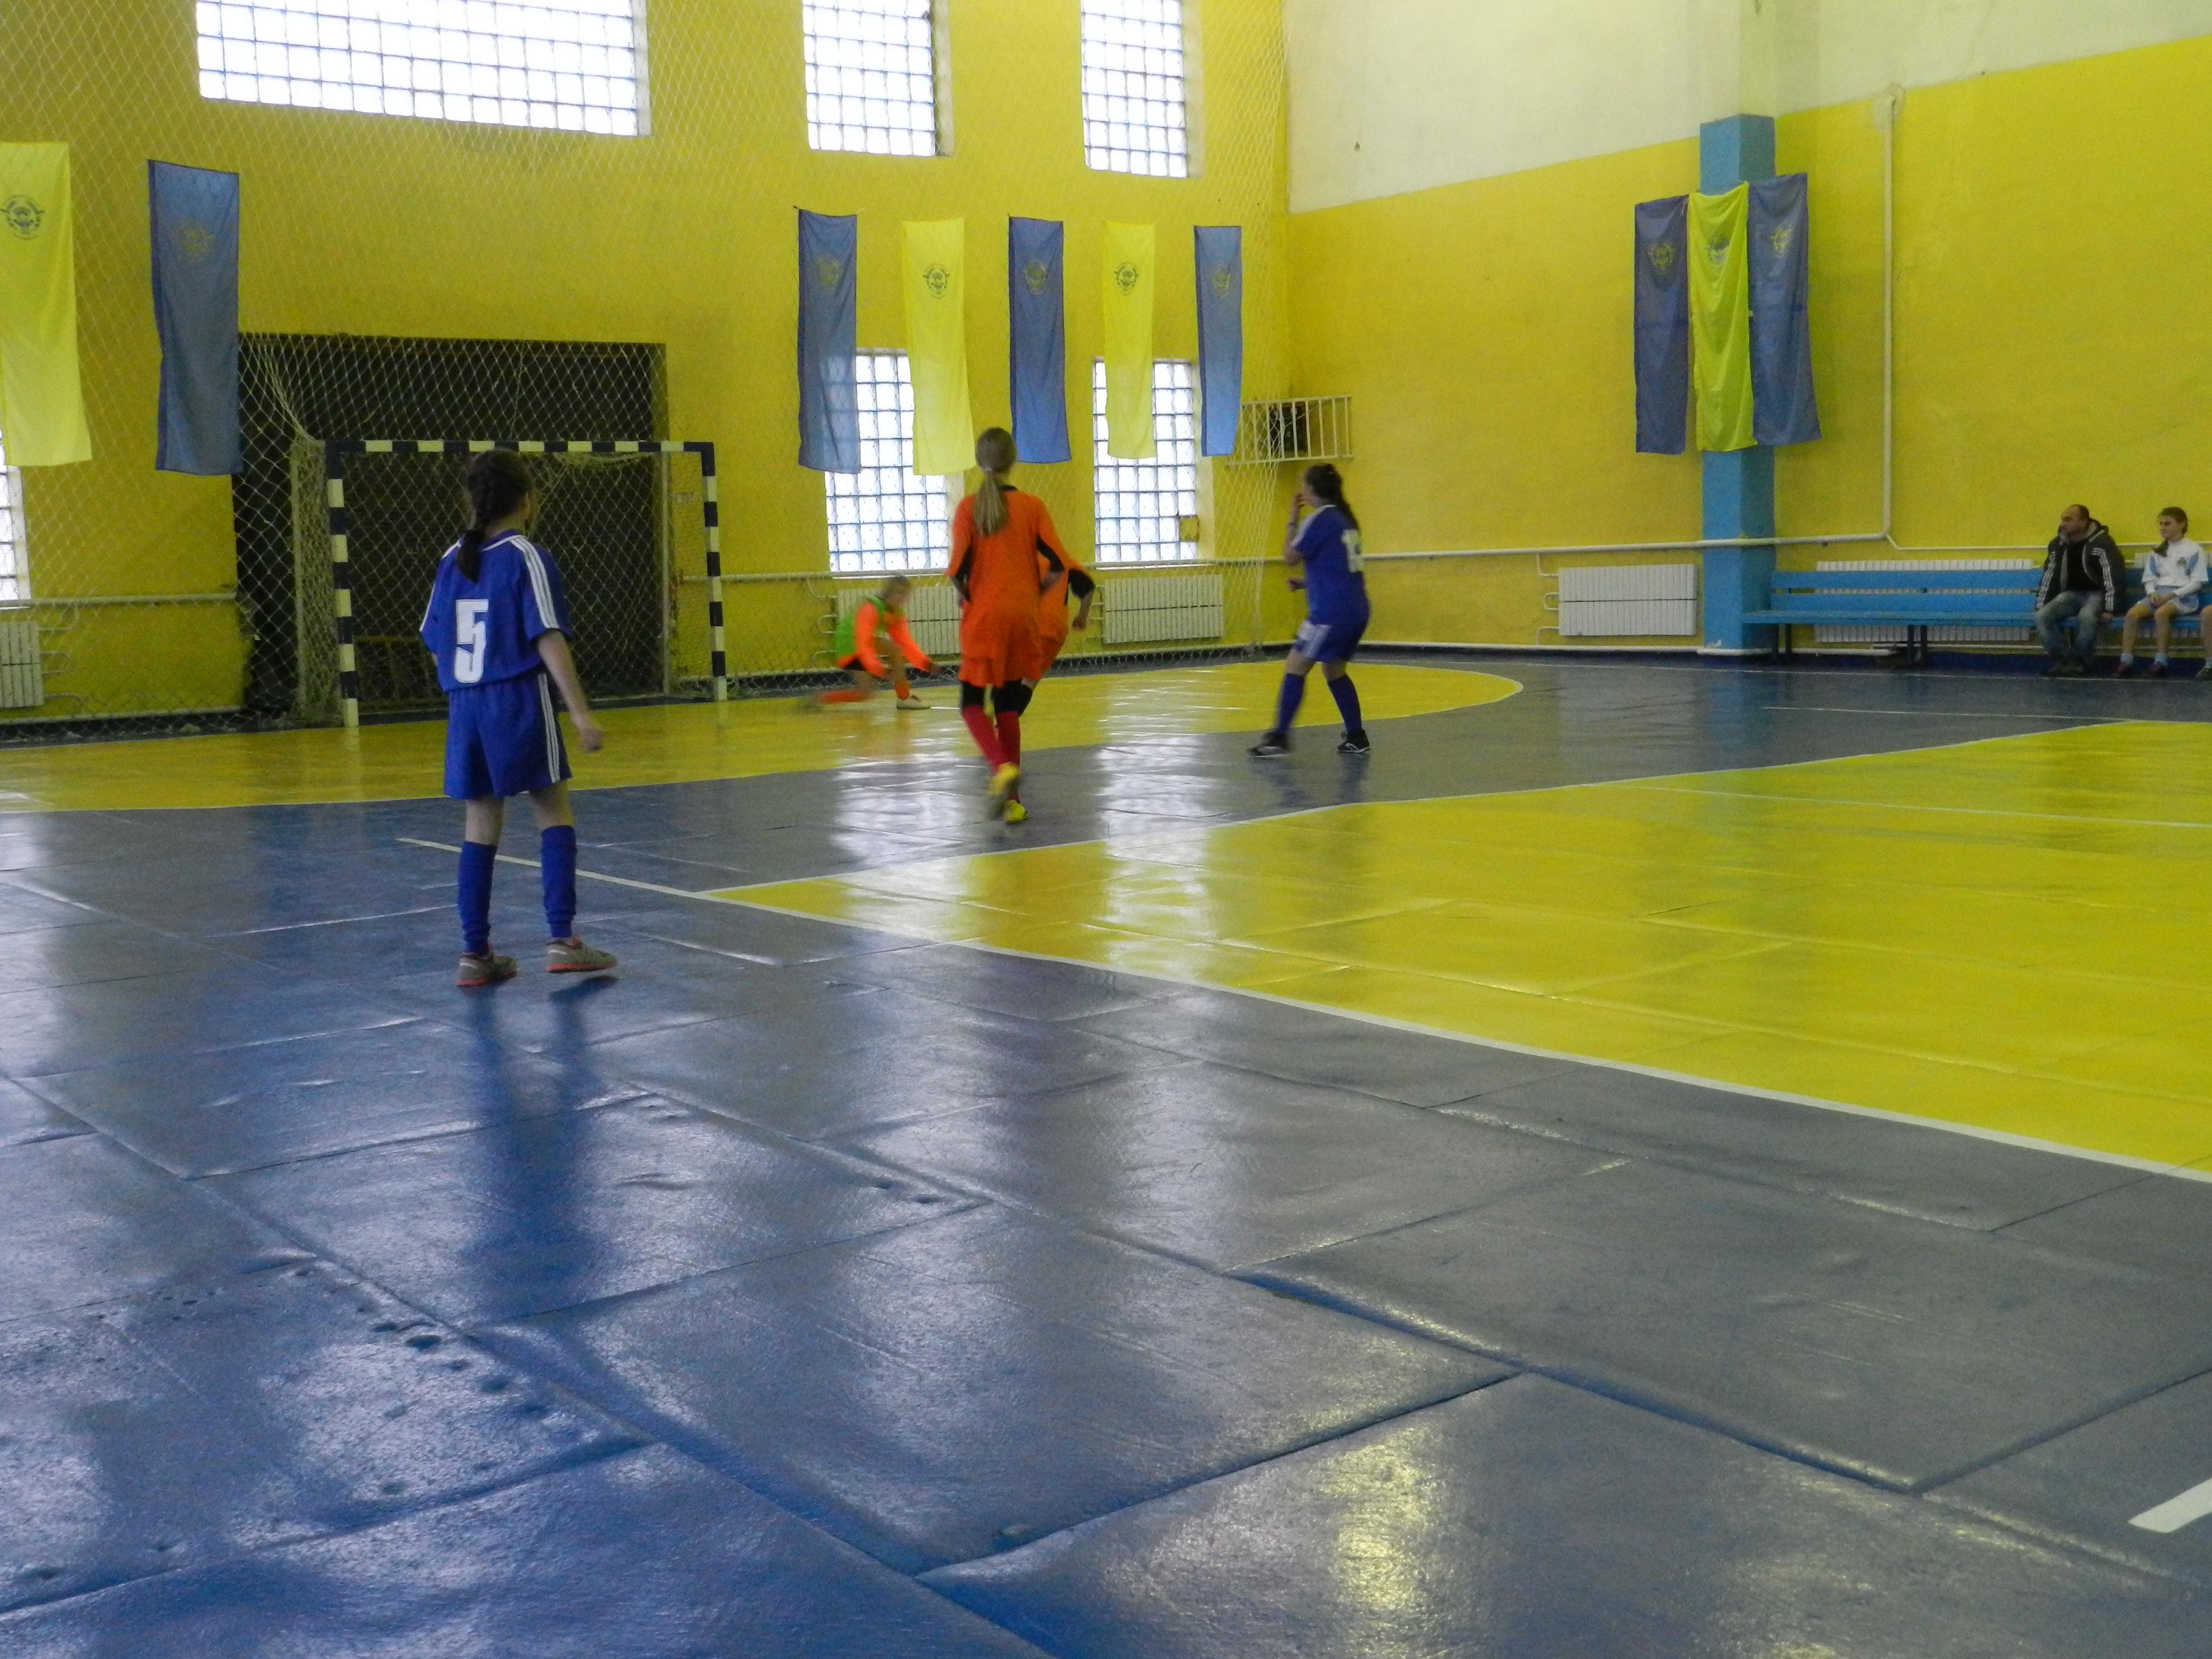 Підсумки проведення ІІ туру чемпіонату області з футзалу сезону 2015/2016 рр. серед команд дівчат 2003/2002 рр.н.